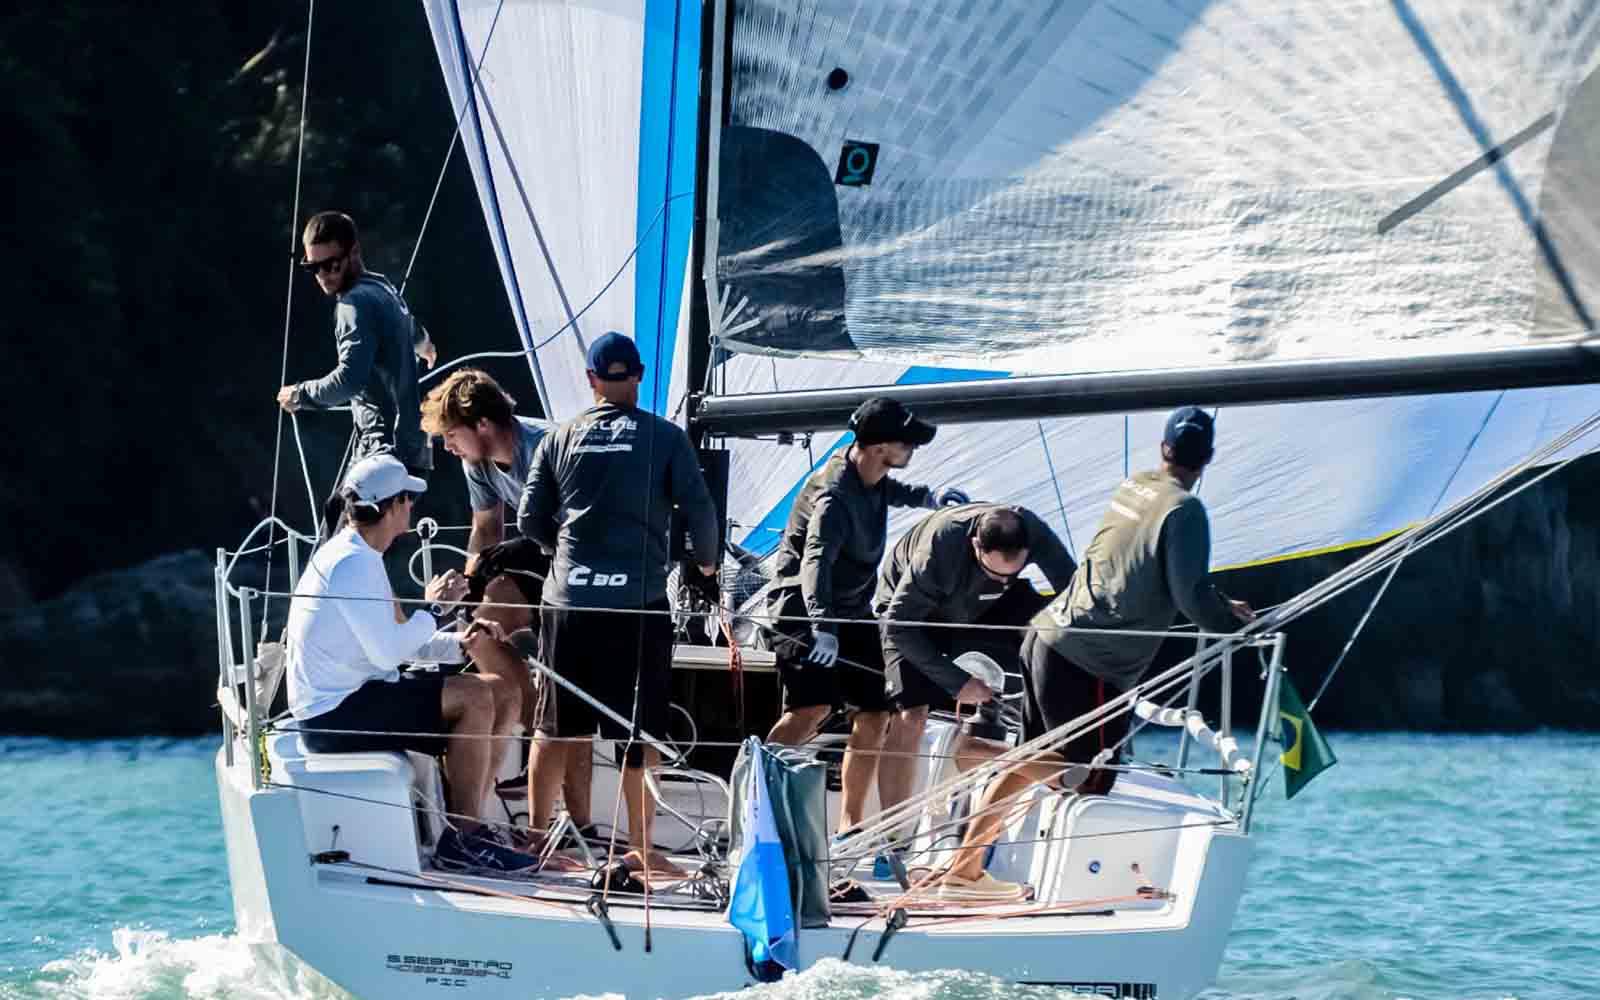 Caiçara (Aline Bassi Balaio de Ideias) - boat shopping